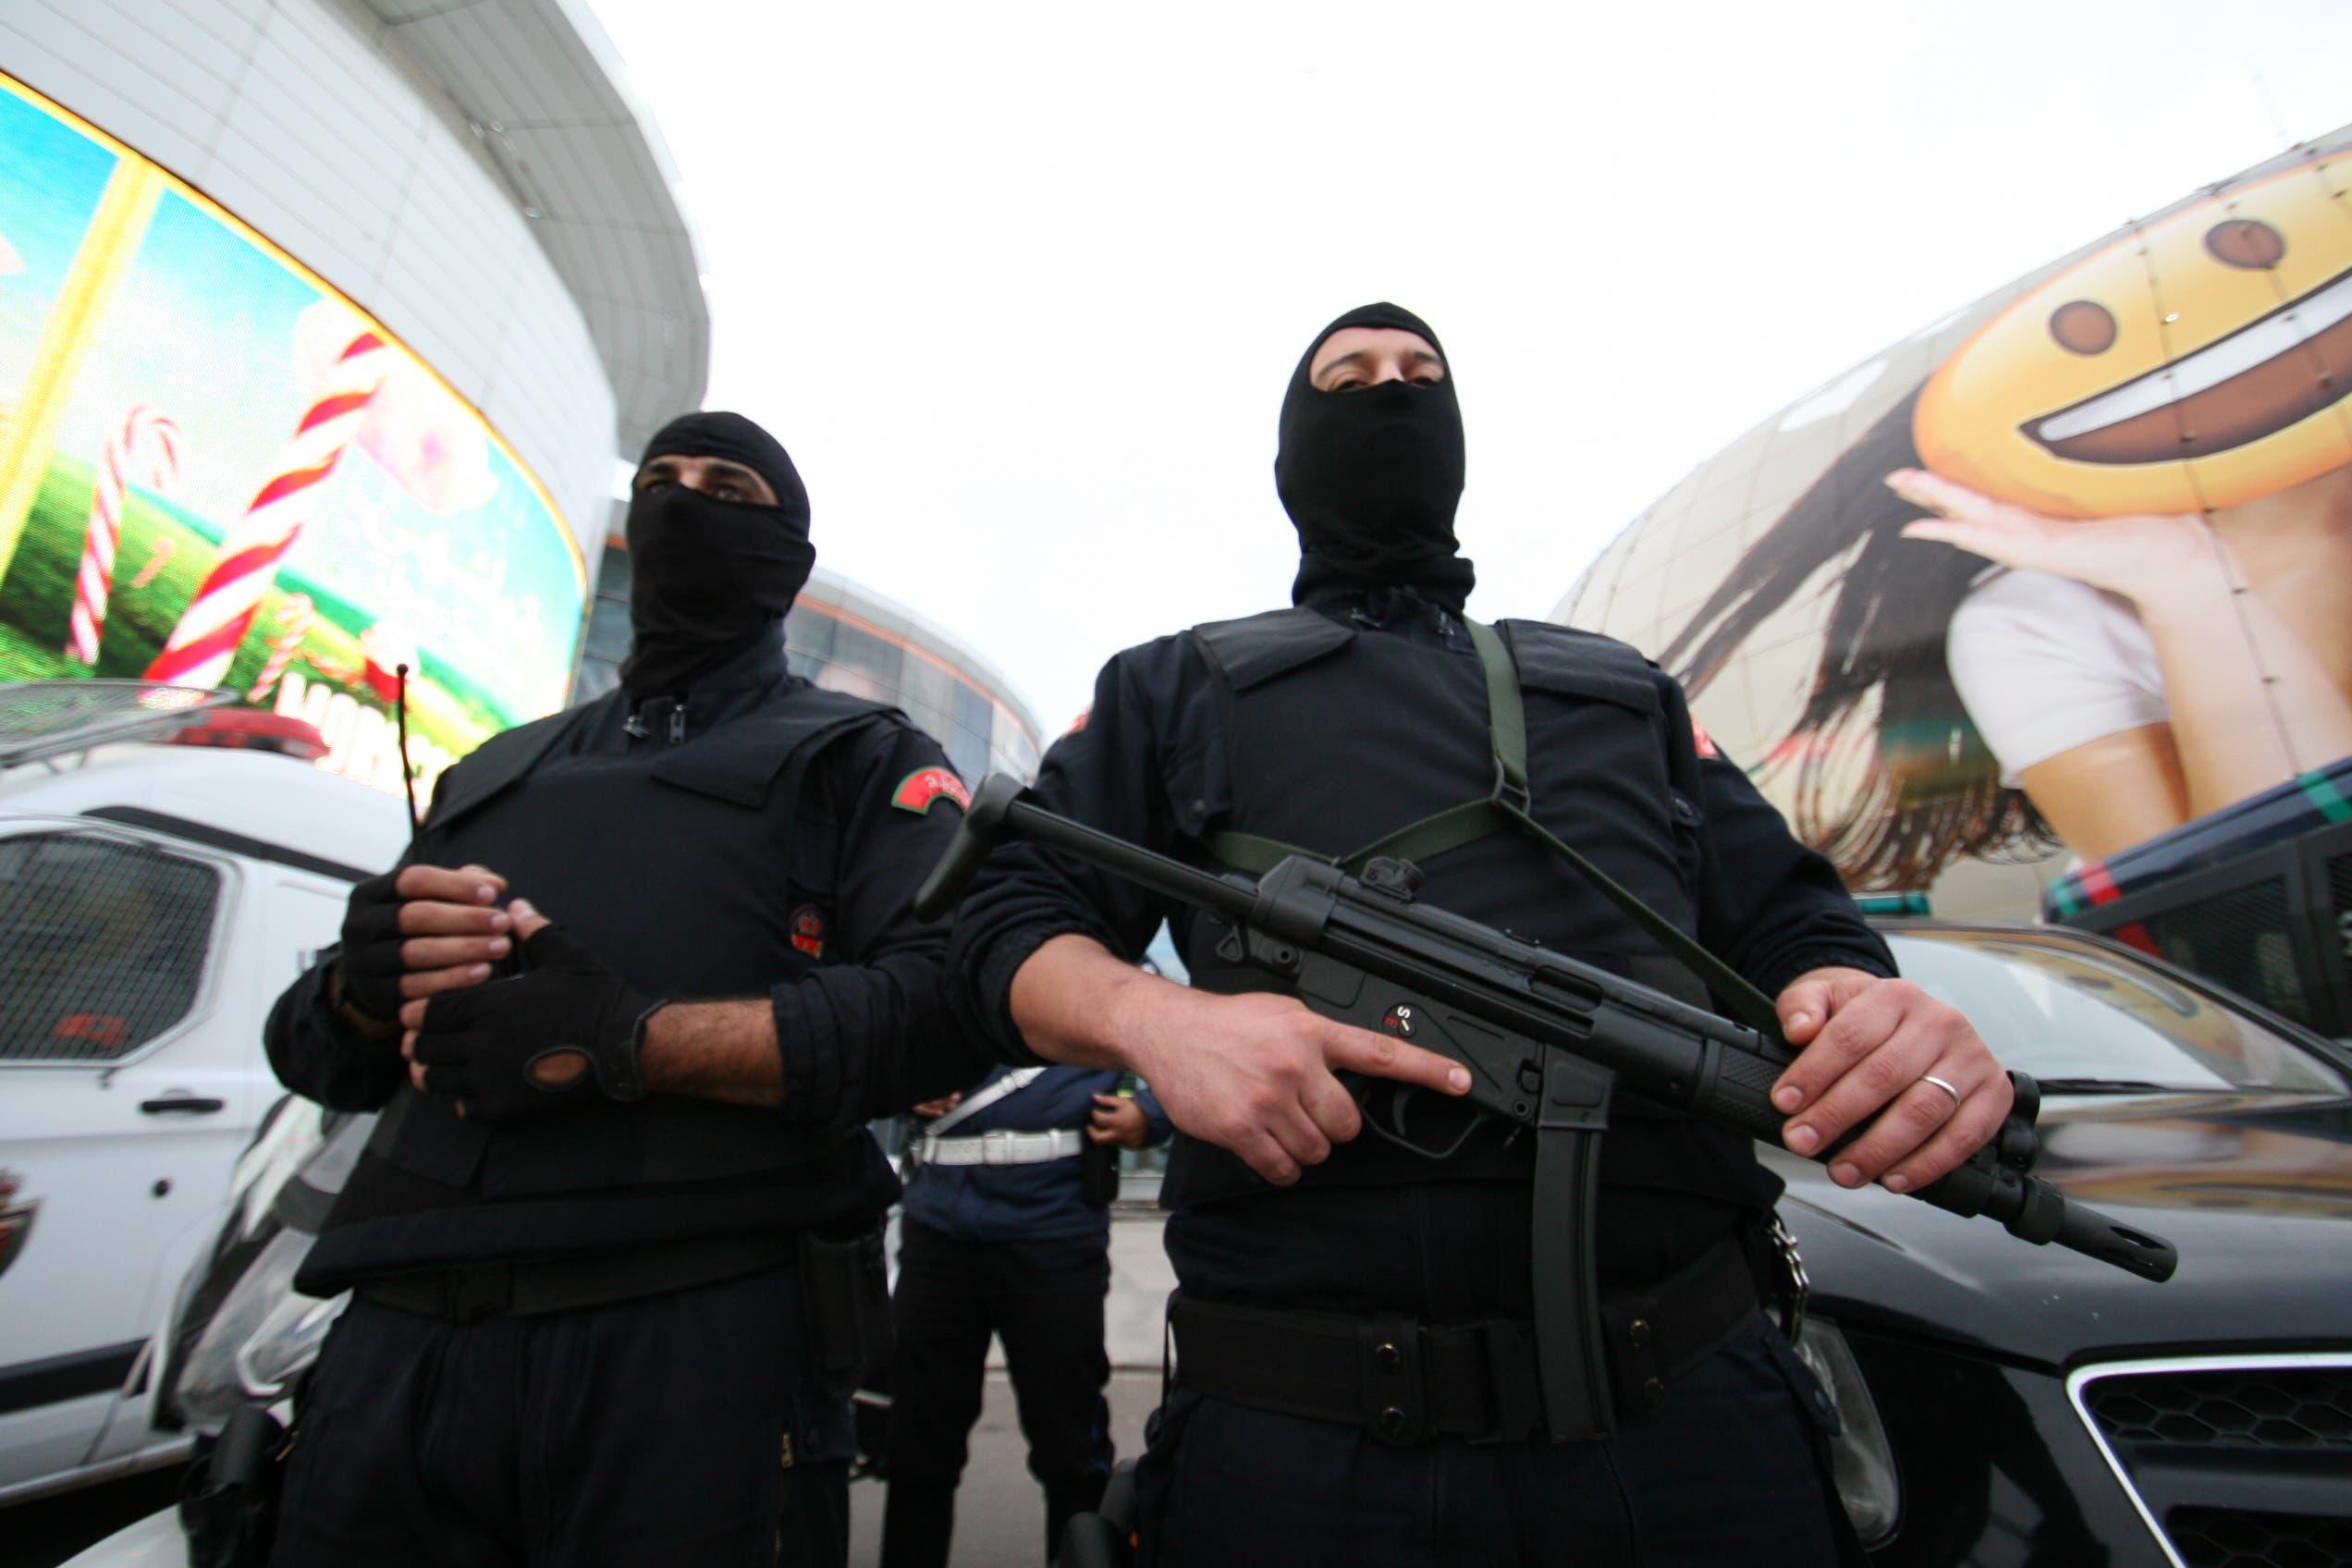 Moroccan Special Forces/Forces spéciales marocaines  :Videos et Photos : BCIJ, Gendarmerie Royale ,  - Page 9 D895a50c-2b0a-420a-9a1c-ffd52b48e85f